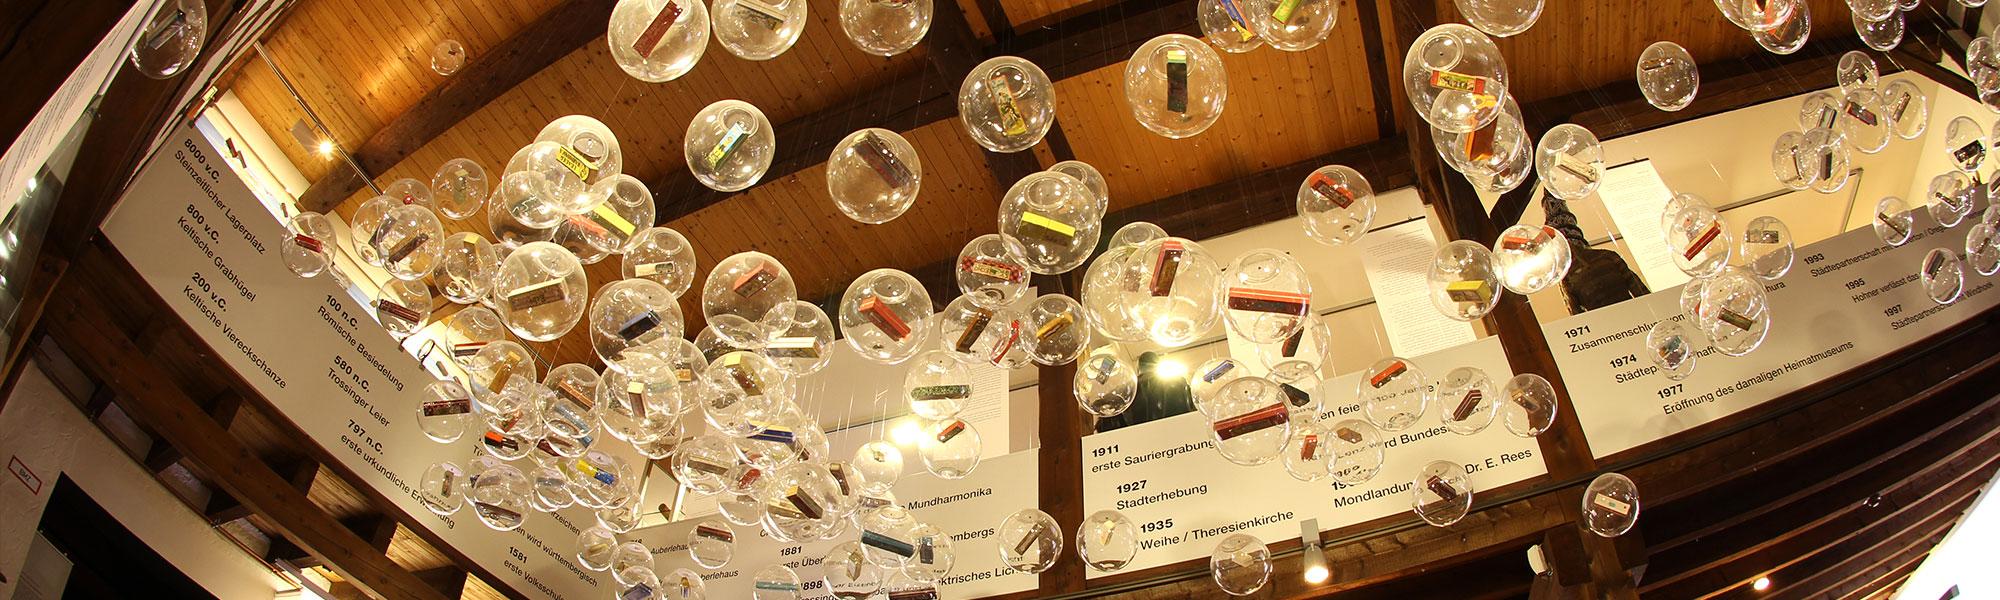 museum-auberlehaus-trossingen-sammlung-trossingen-headerbild